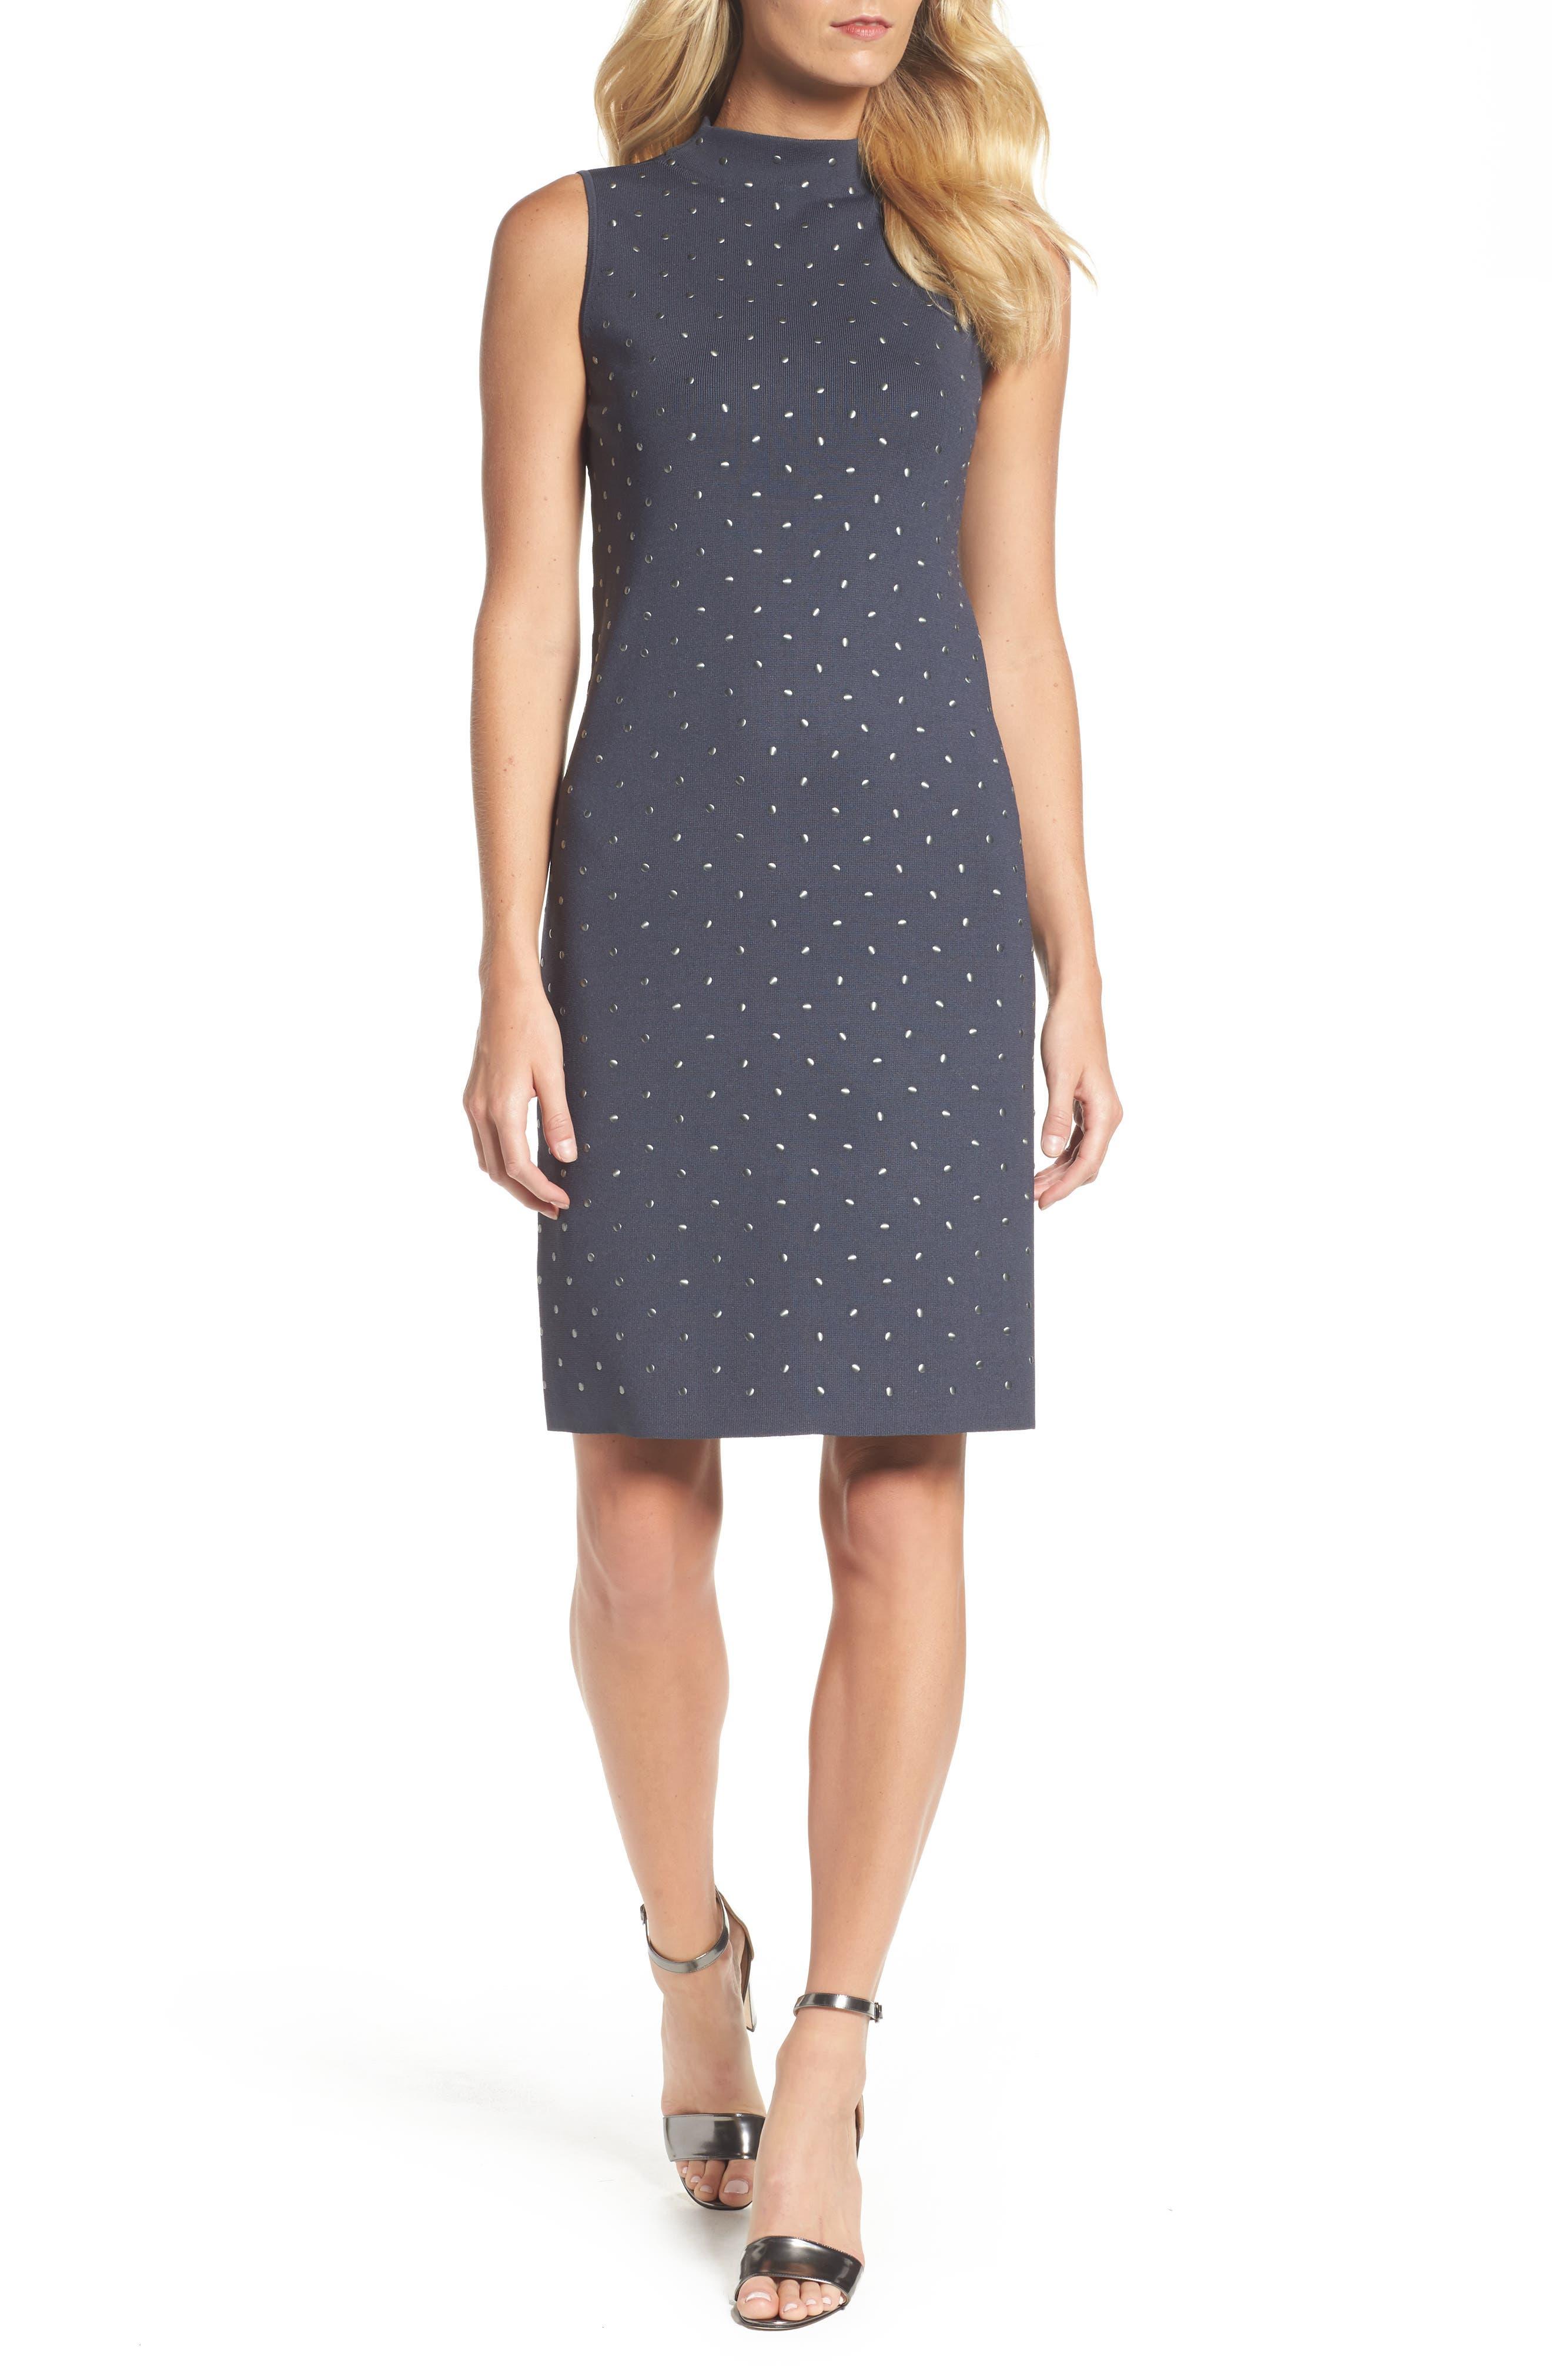 NIC+ZOE Studded Up A-Line Dress